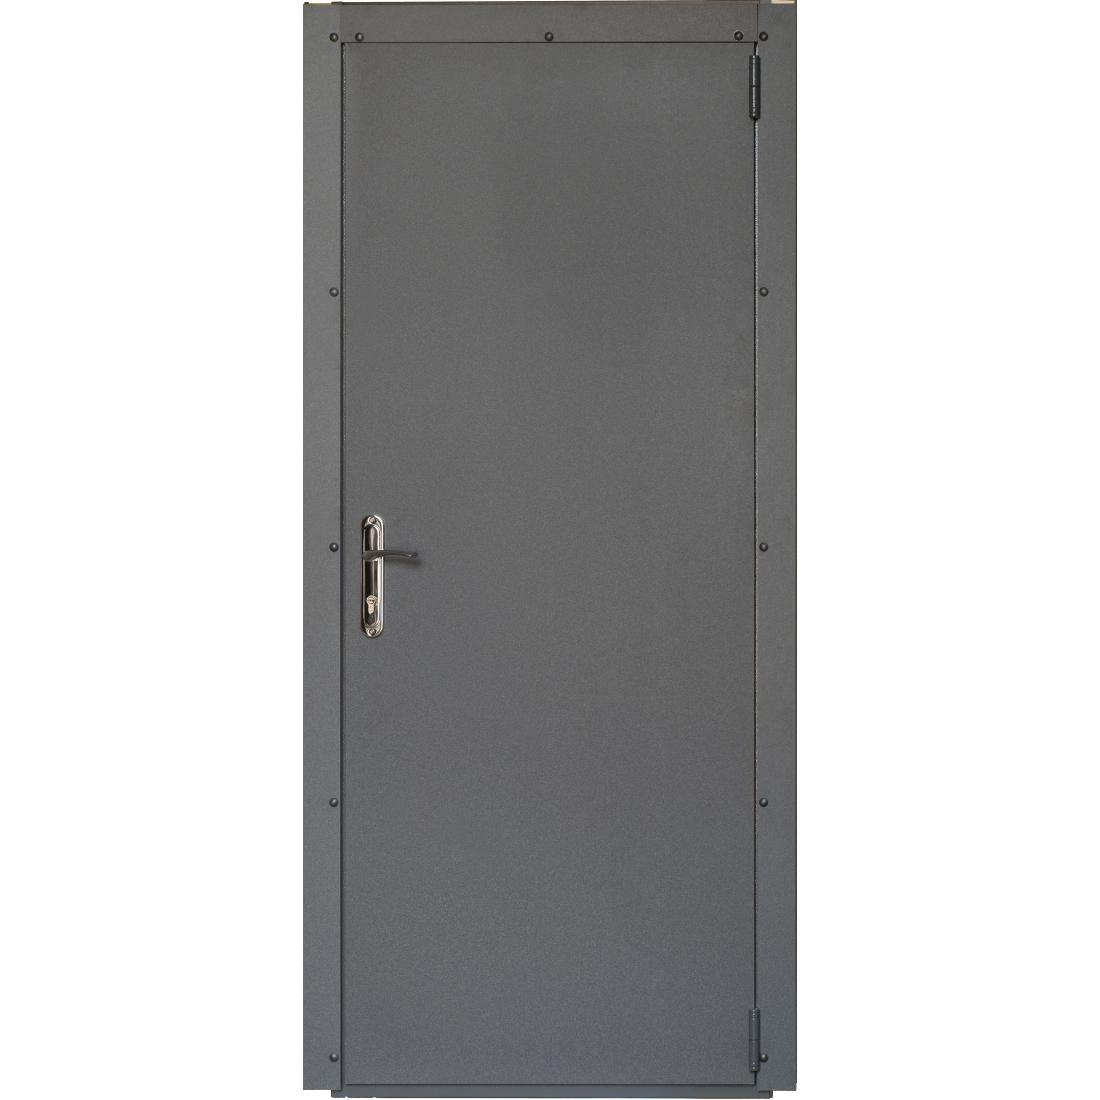 """Купити вхідні двері Техно-графіт (серія """"Техно"""")"""